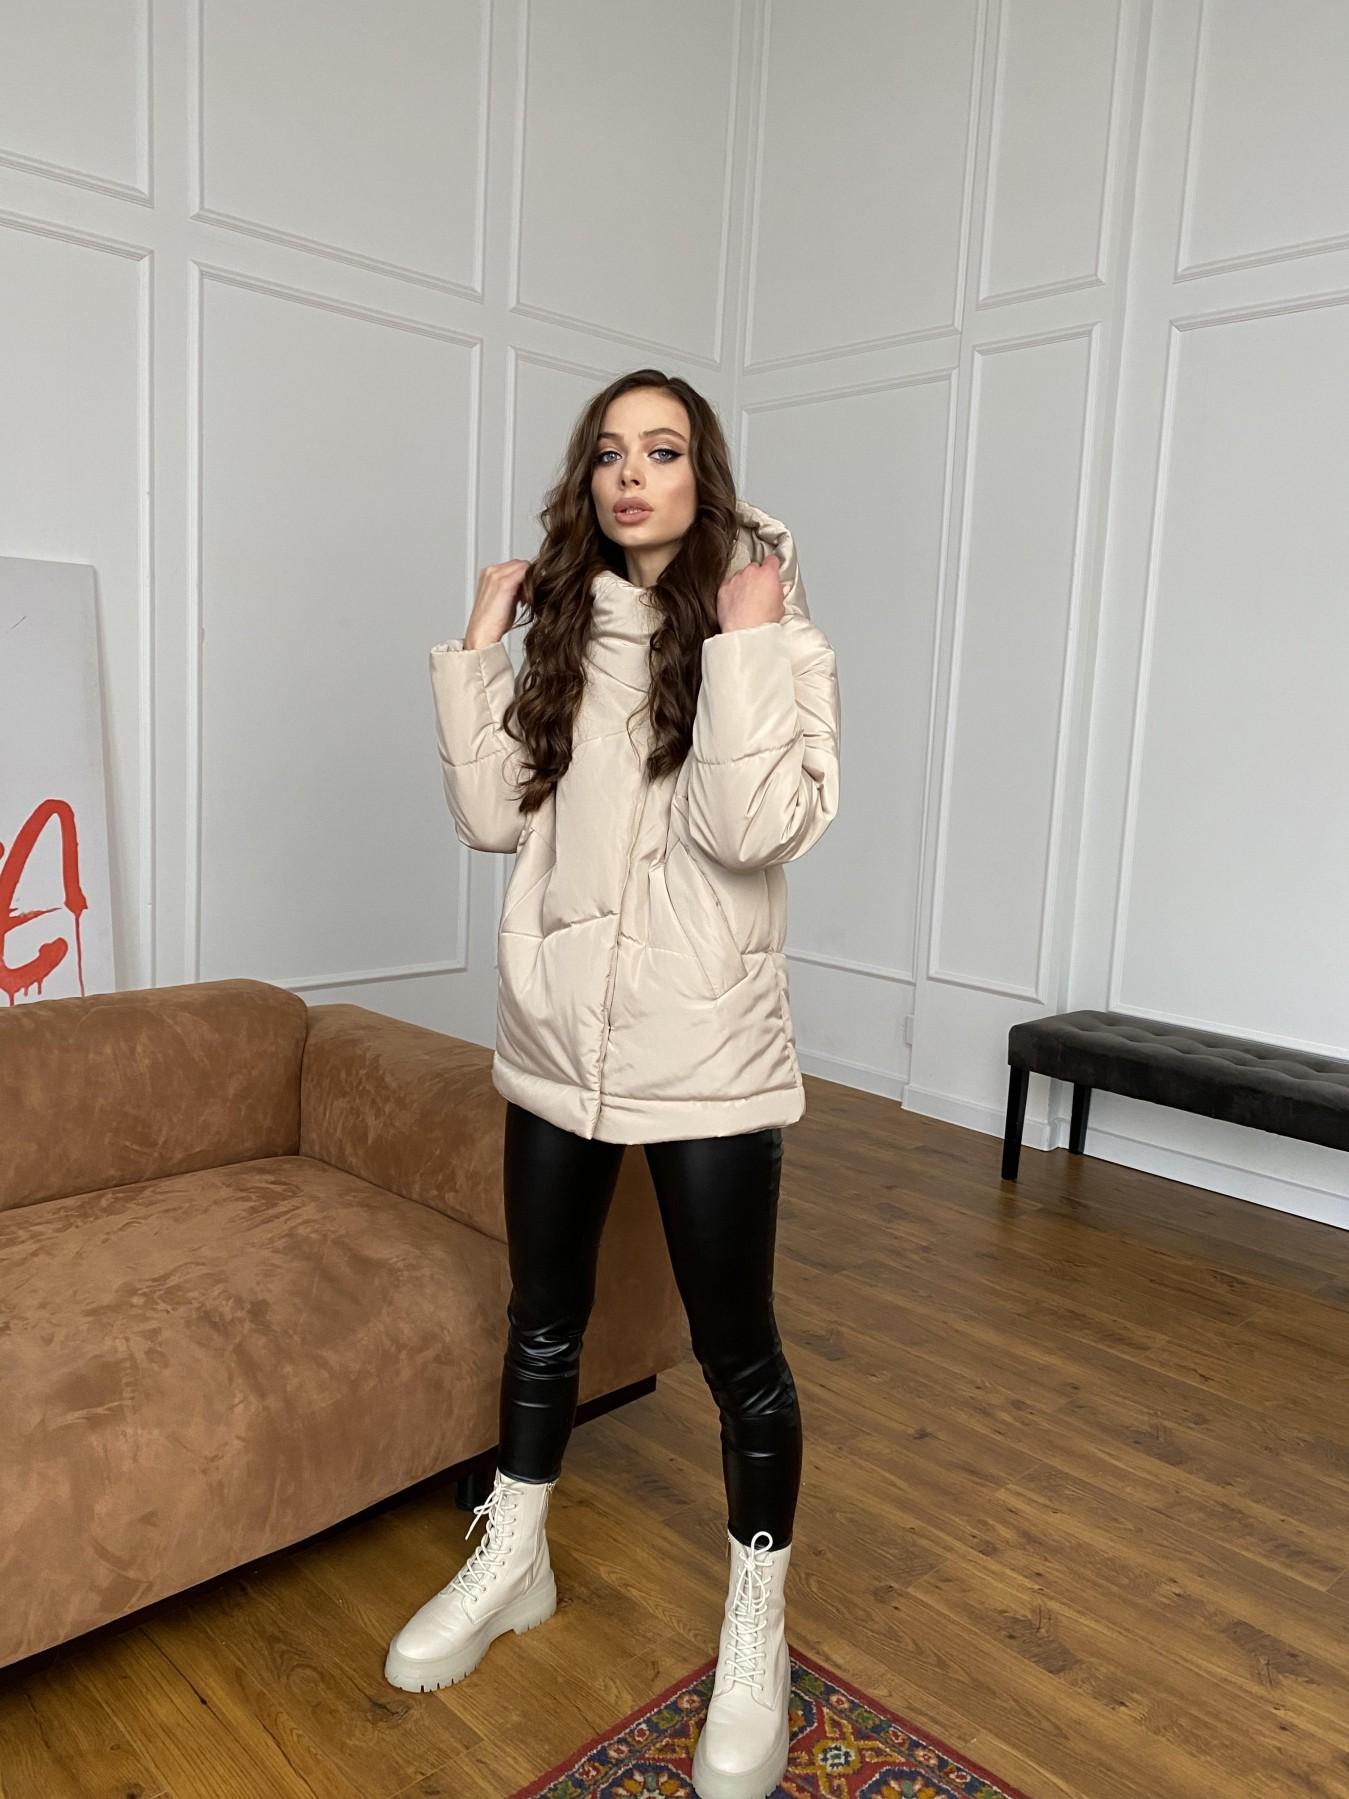 Уно куртка плащевка Ammy 10671 АРТ. 47476 Цвет: Бежевый - фото 10, интернет магазин tm-modus.ru